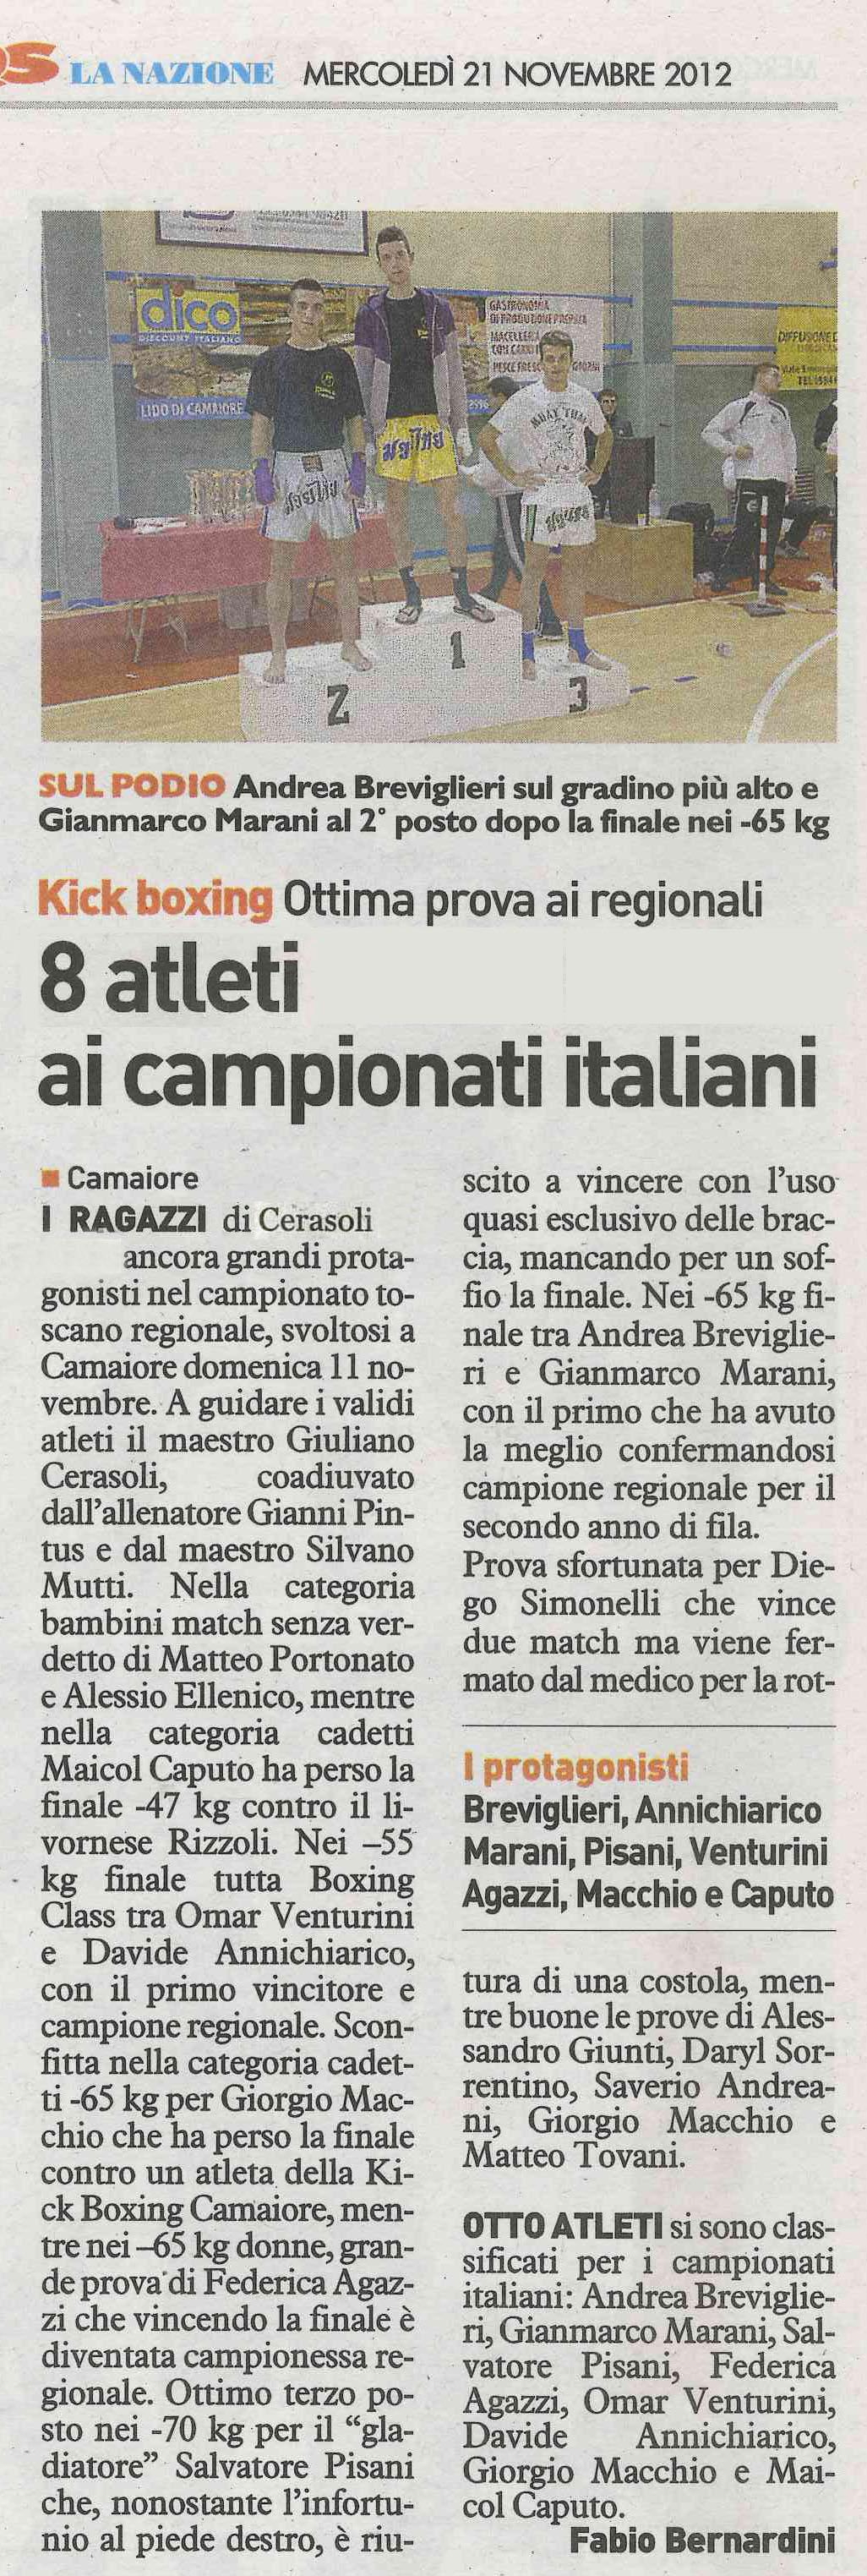 8 atleti ai campionati italiani